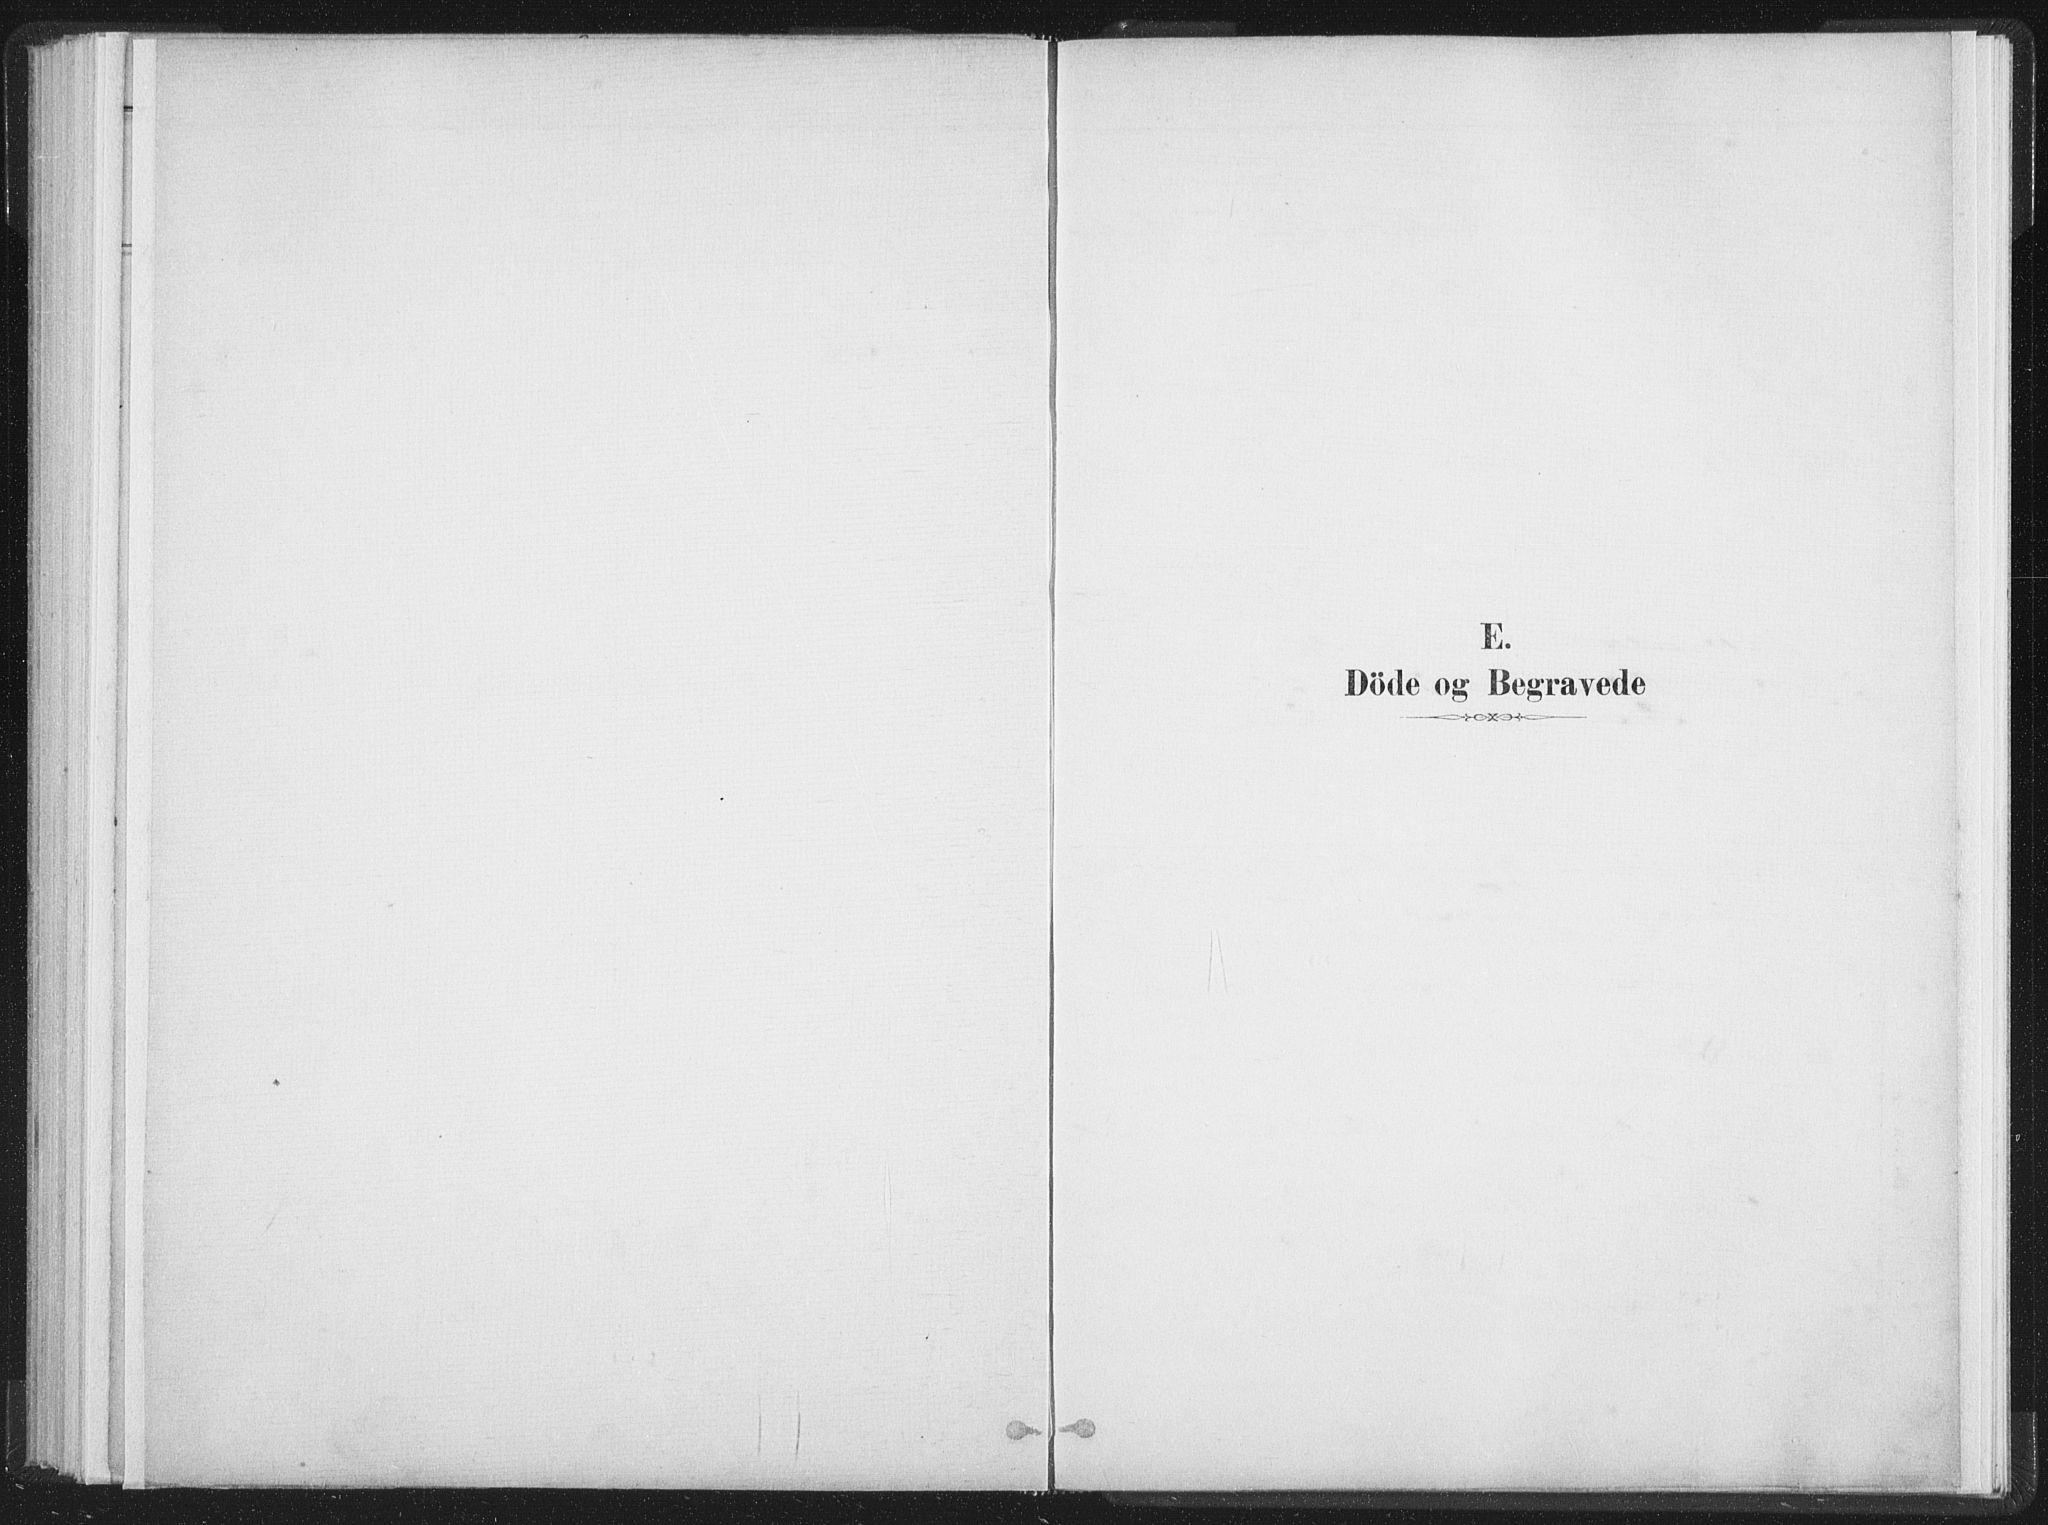 SAT, Ministerialprotokoller, klokkerbøker og fødselsregistre - Nordland, 890/L1286: Parish register (official) no. 890A01, 1882-1902